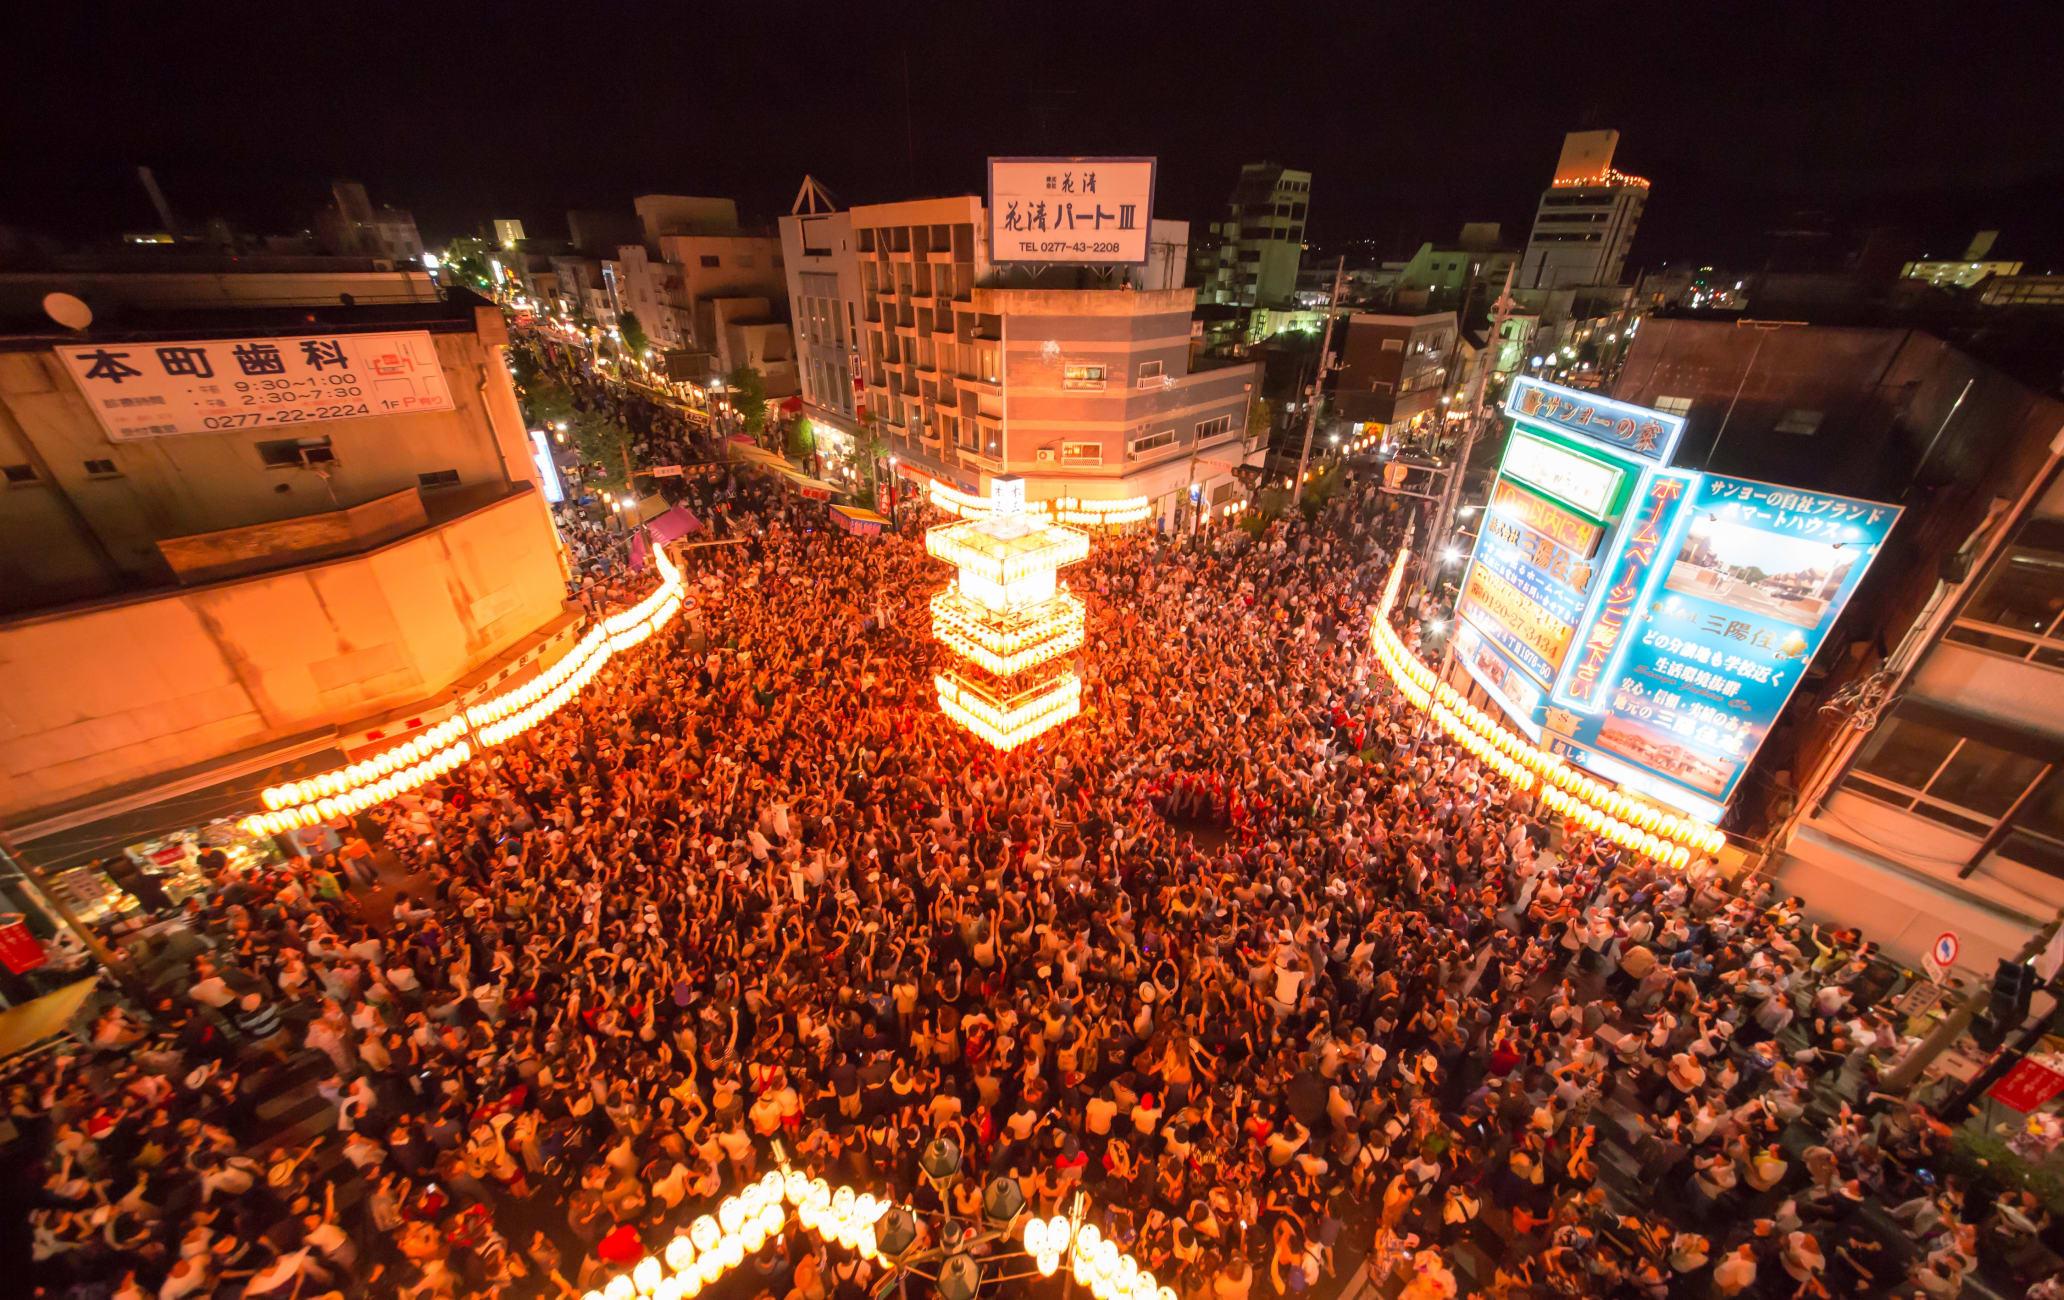 Kiryu Yagibushi Festival